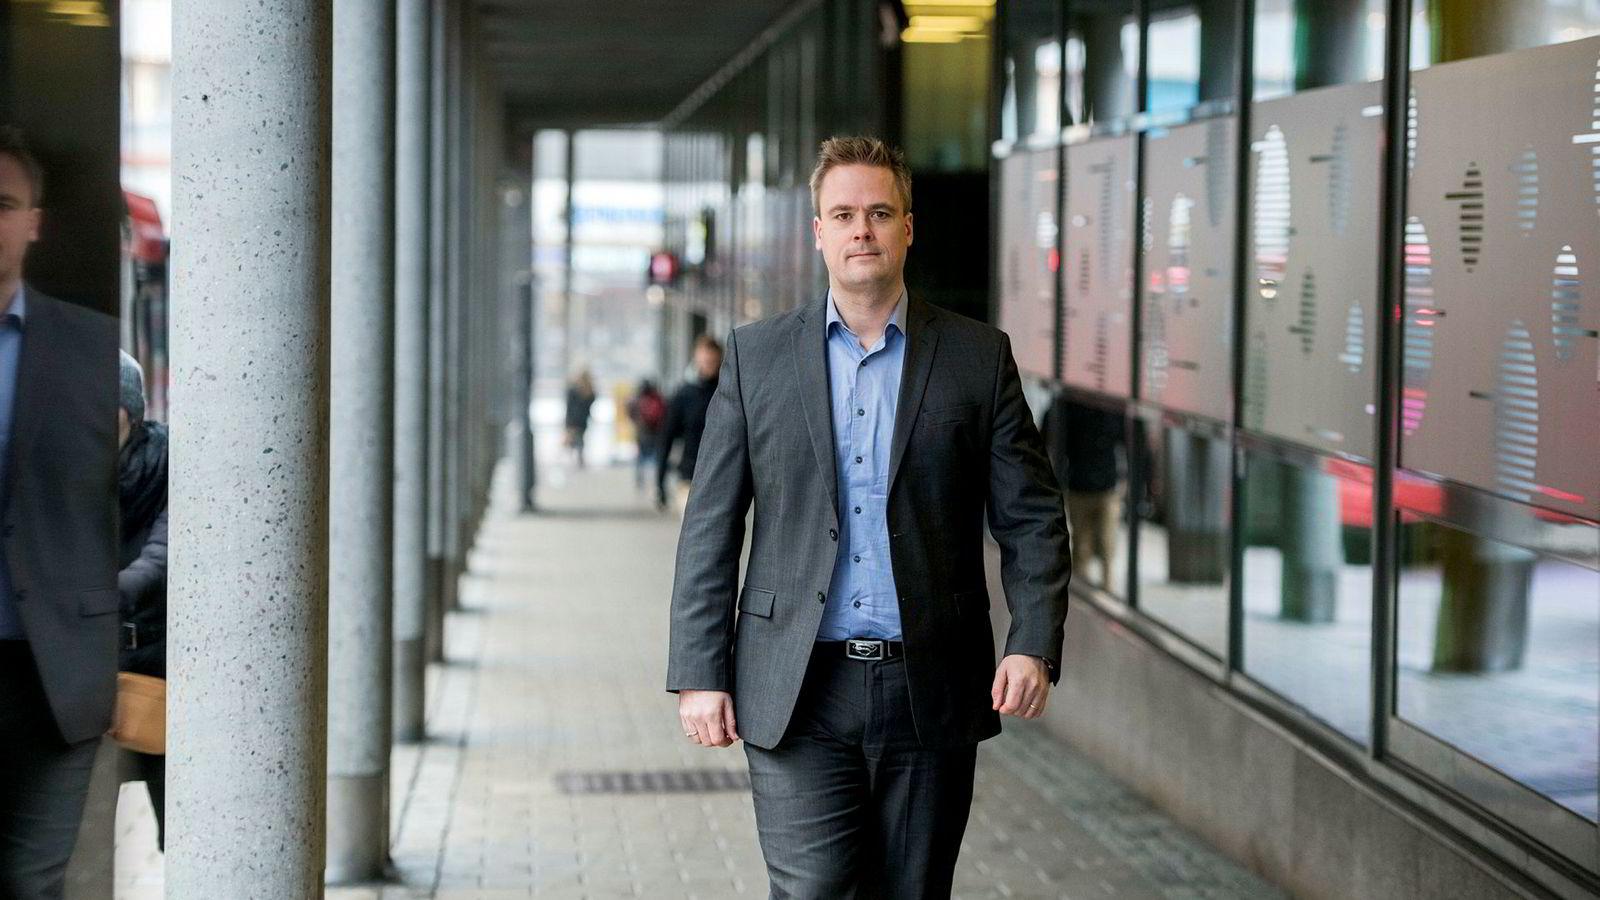 Endre Jo Reite er leder for personmarked i BN Bank og sier heretter nei til nye forbrukslånskunder. – Vi er blitt sjokkerte, sier han om utviklingen i markedet.